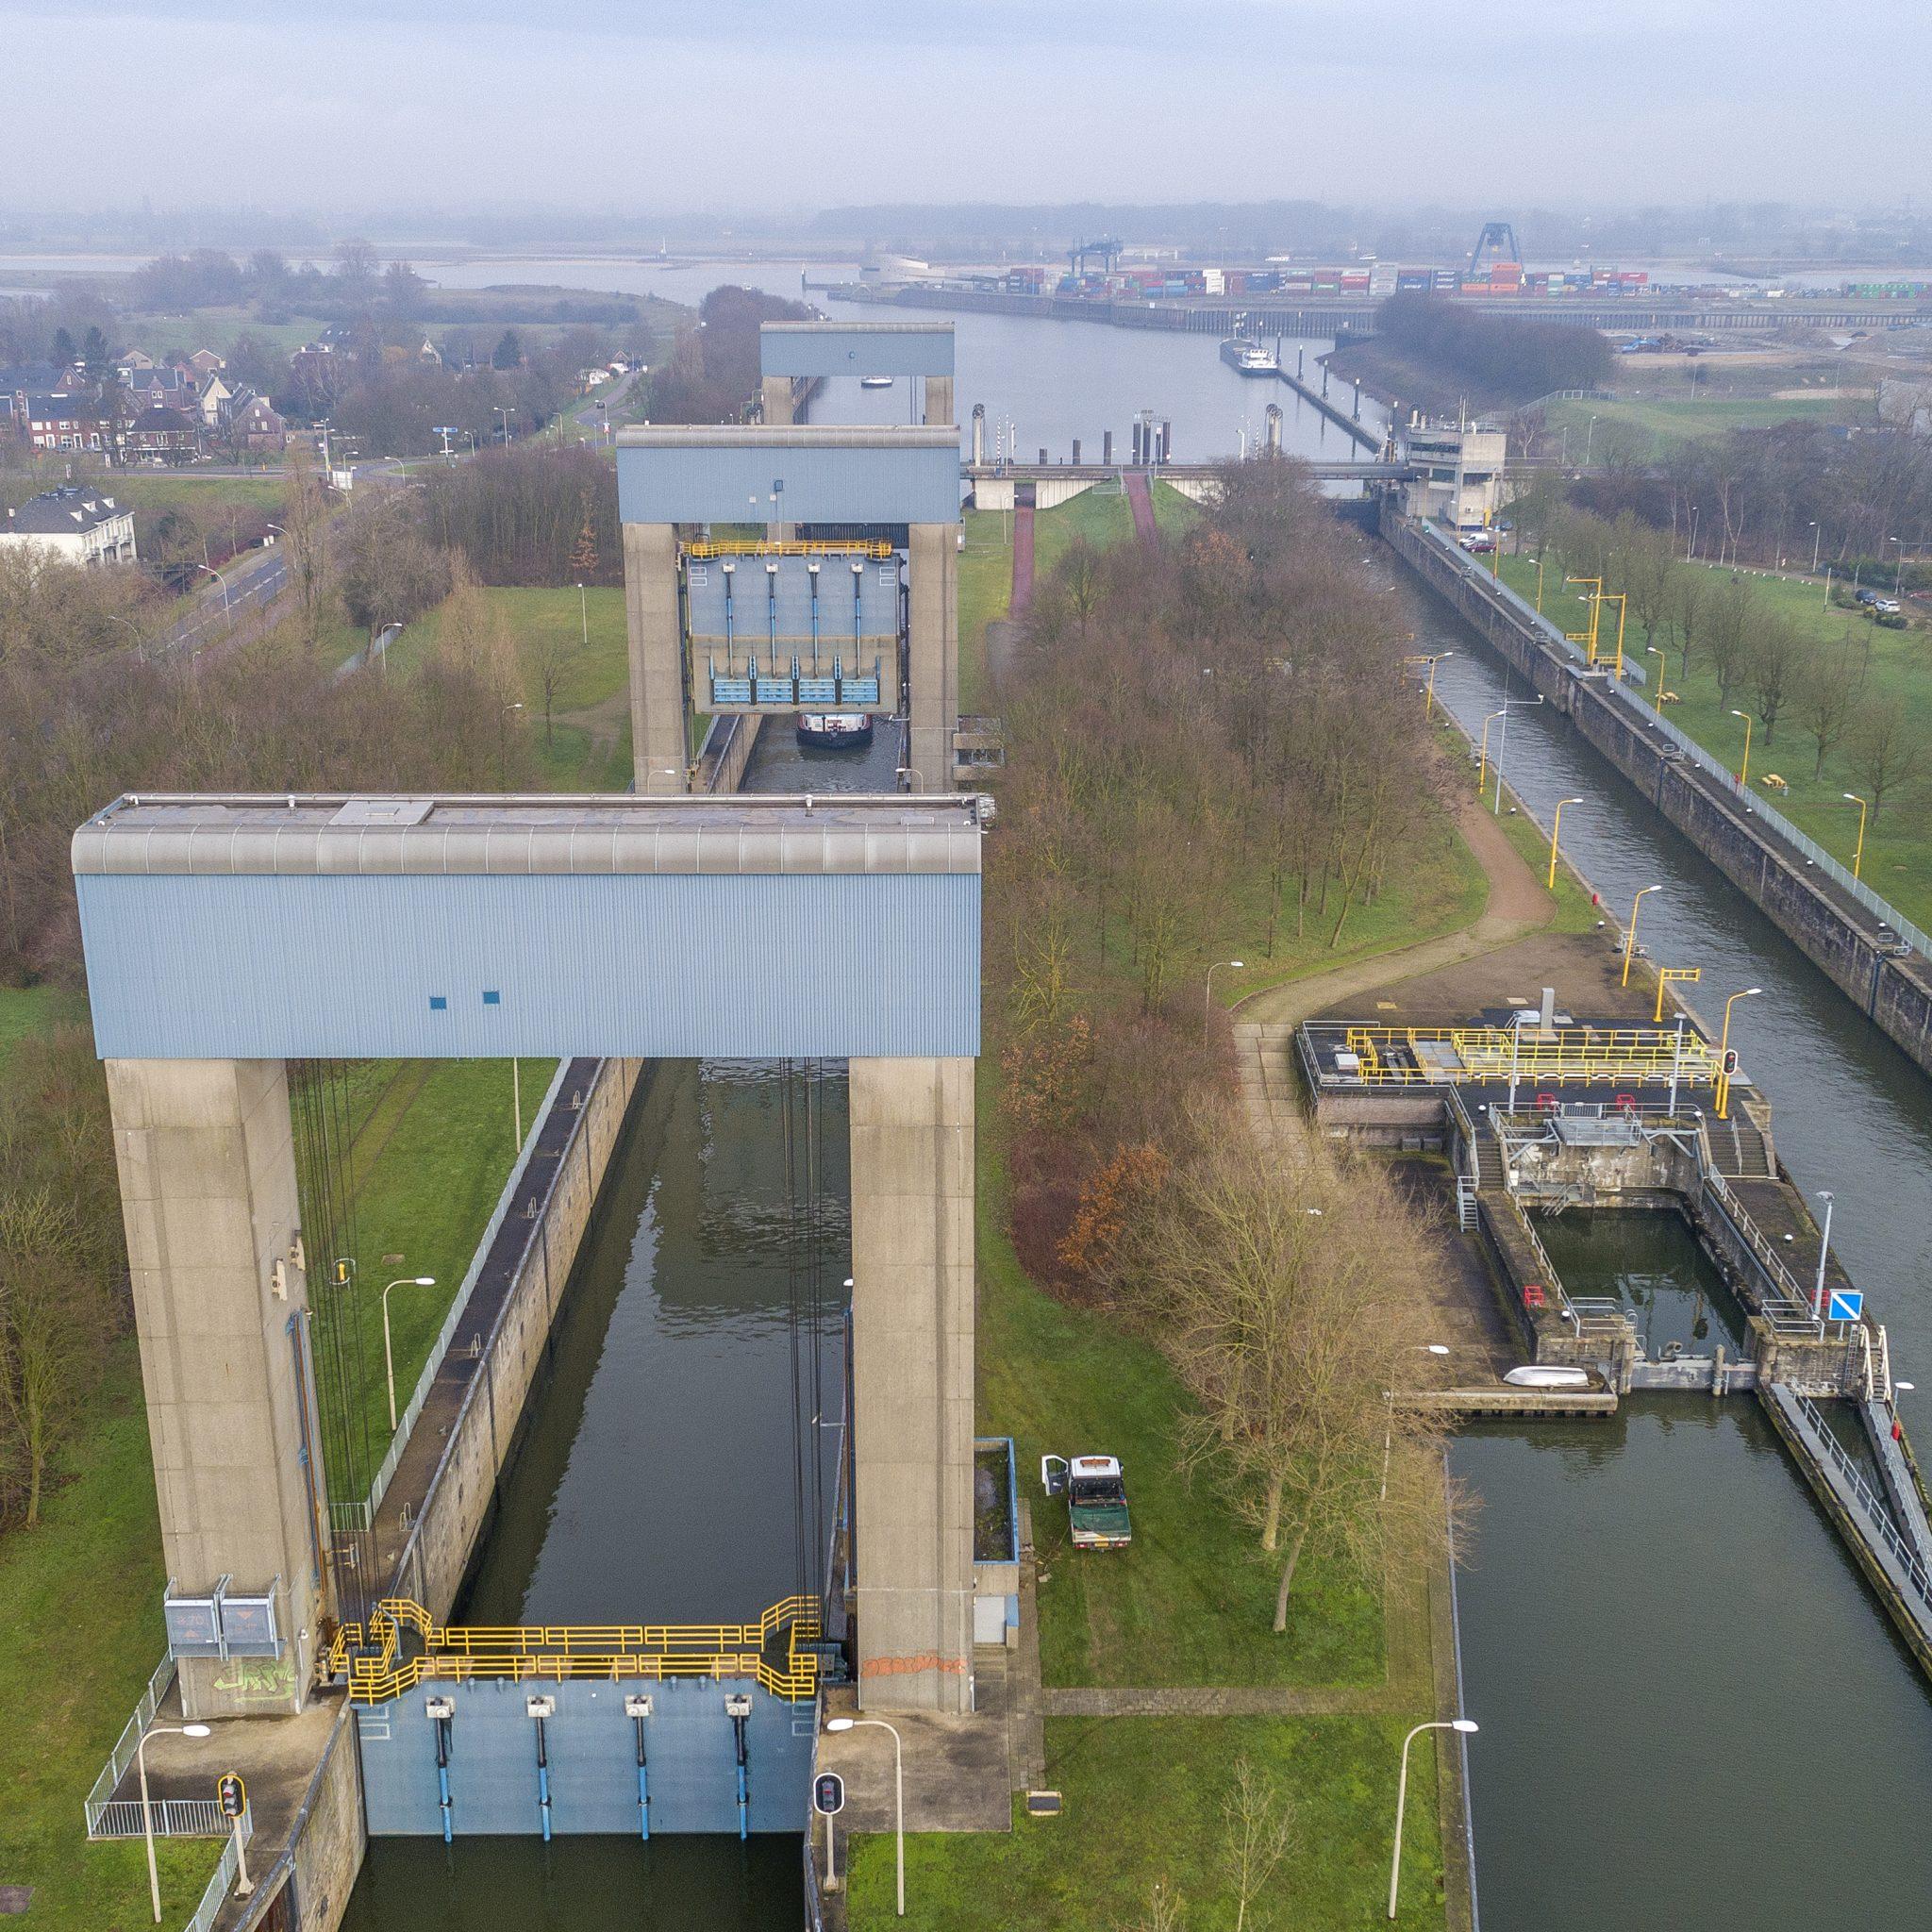 Op 8 oktober worden voorlopig de laatste werkzaamheden aan sluis Weurt uitgevoerd. (Foto Rijkswaterstaat)